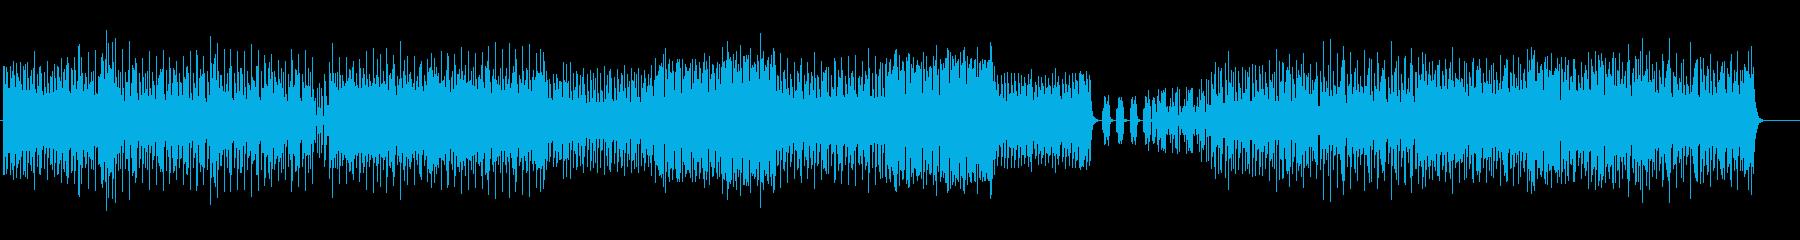 ダンス「UP TONE」の再生済みの波形